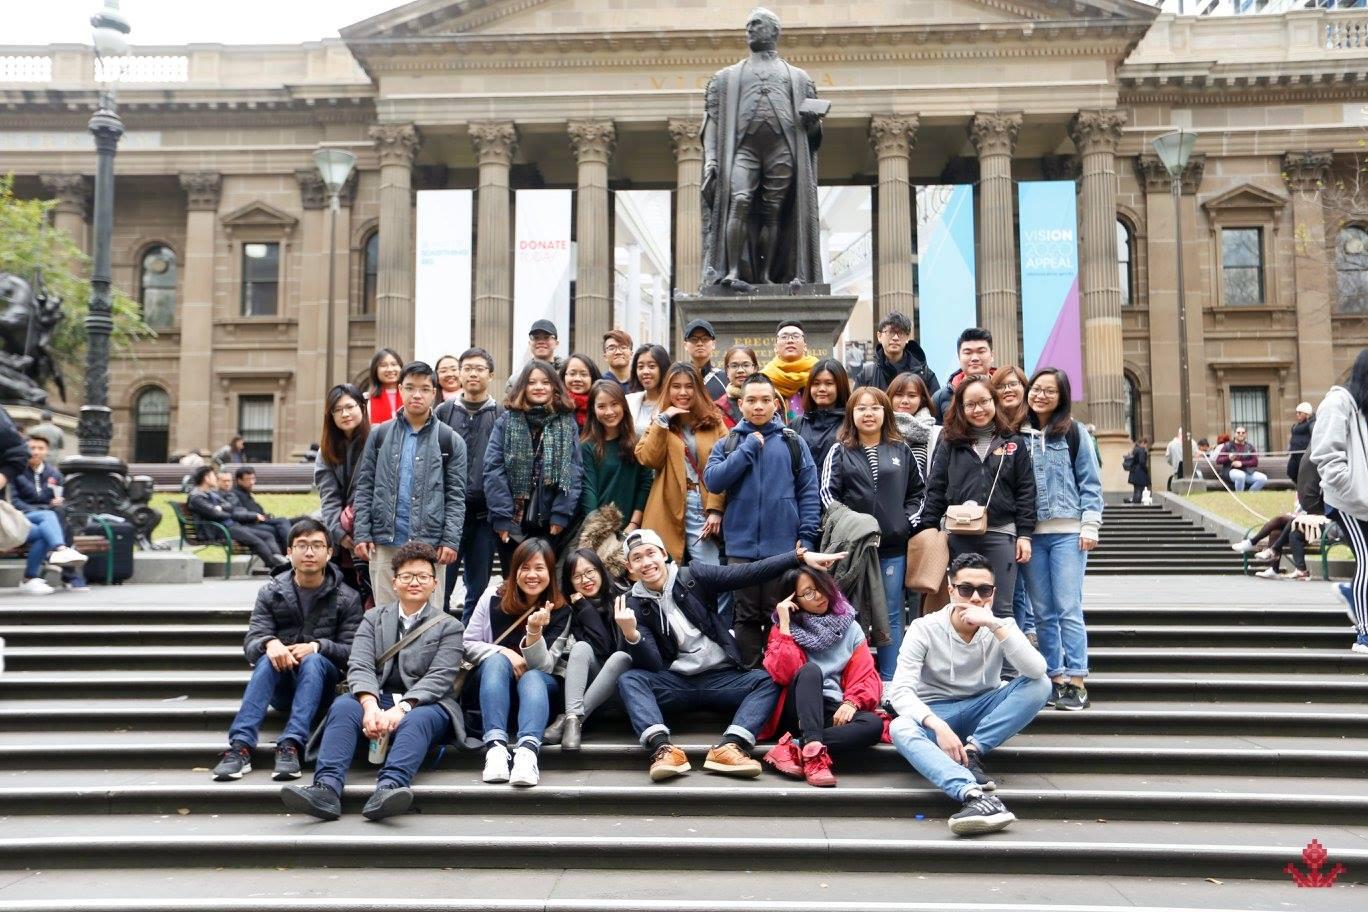 Mình lựa chọn học Truyền thông - Marketing tại trường RMIT- Melbourne